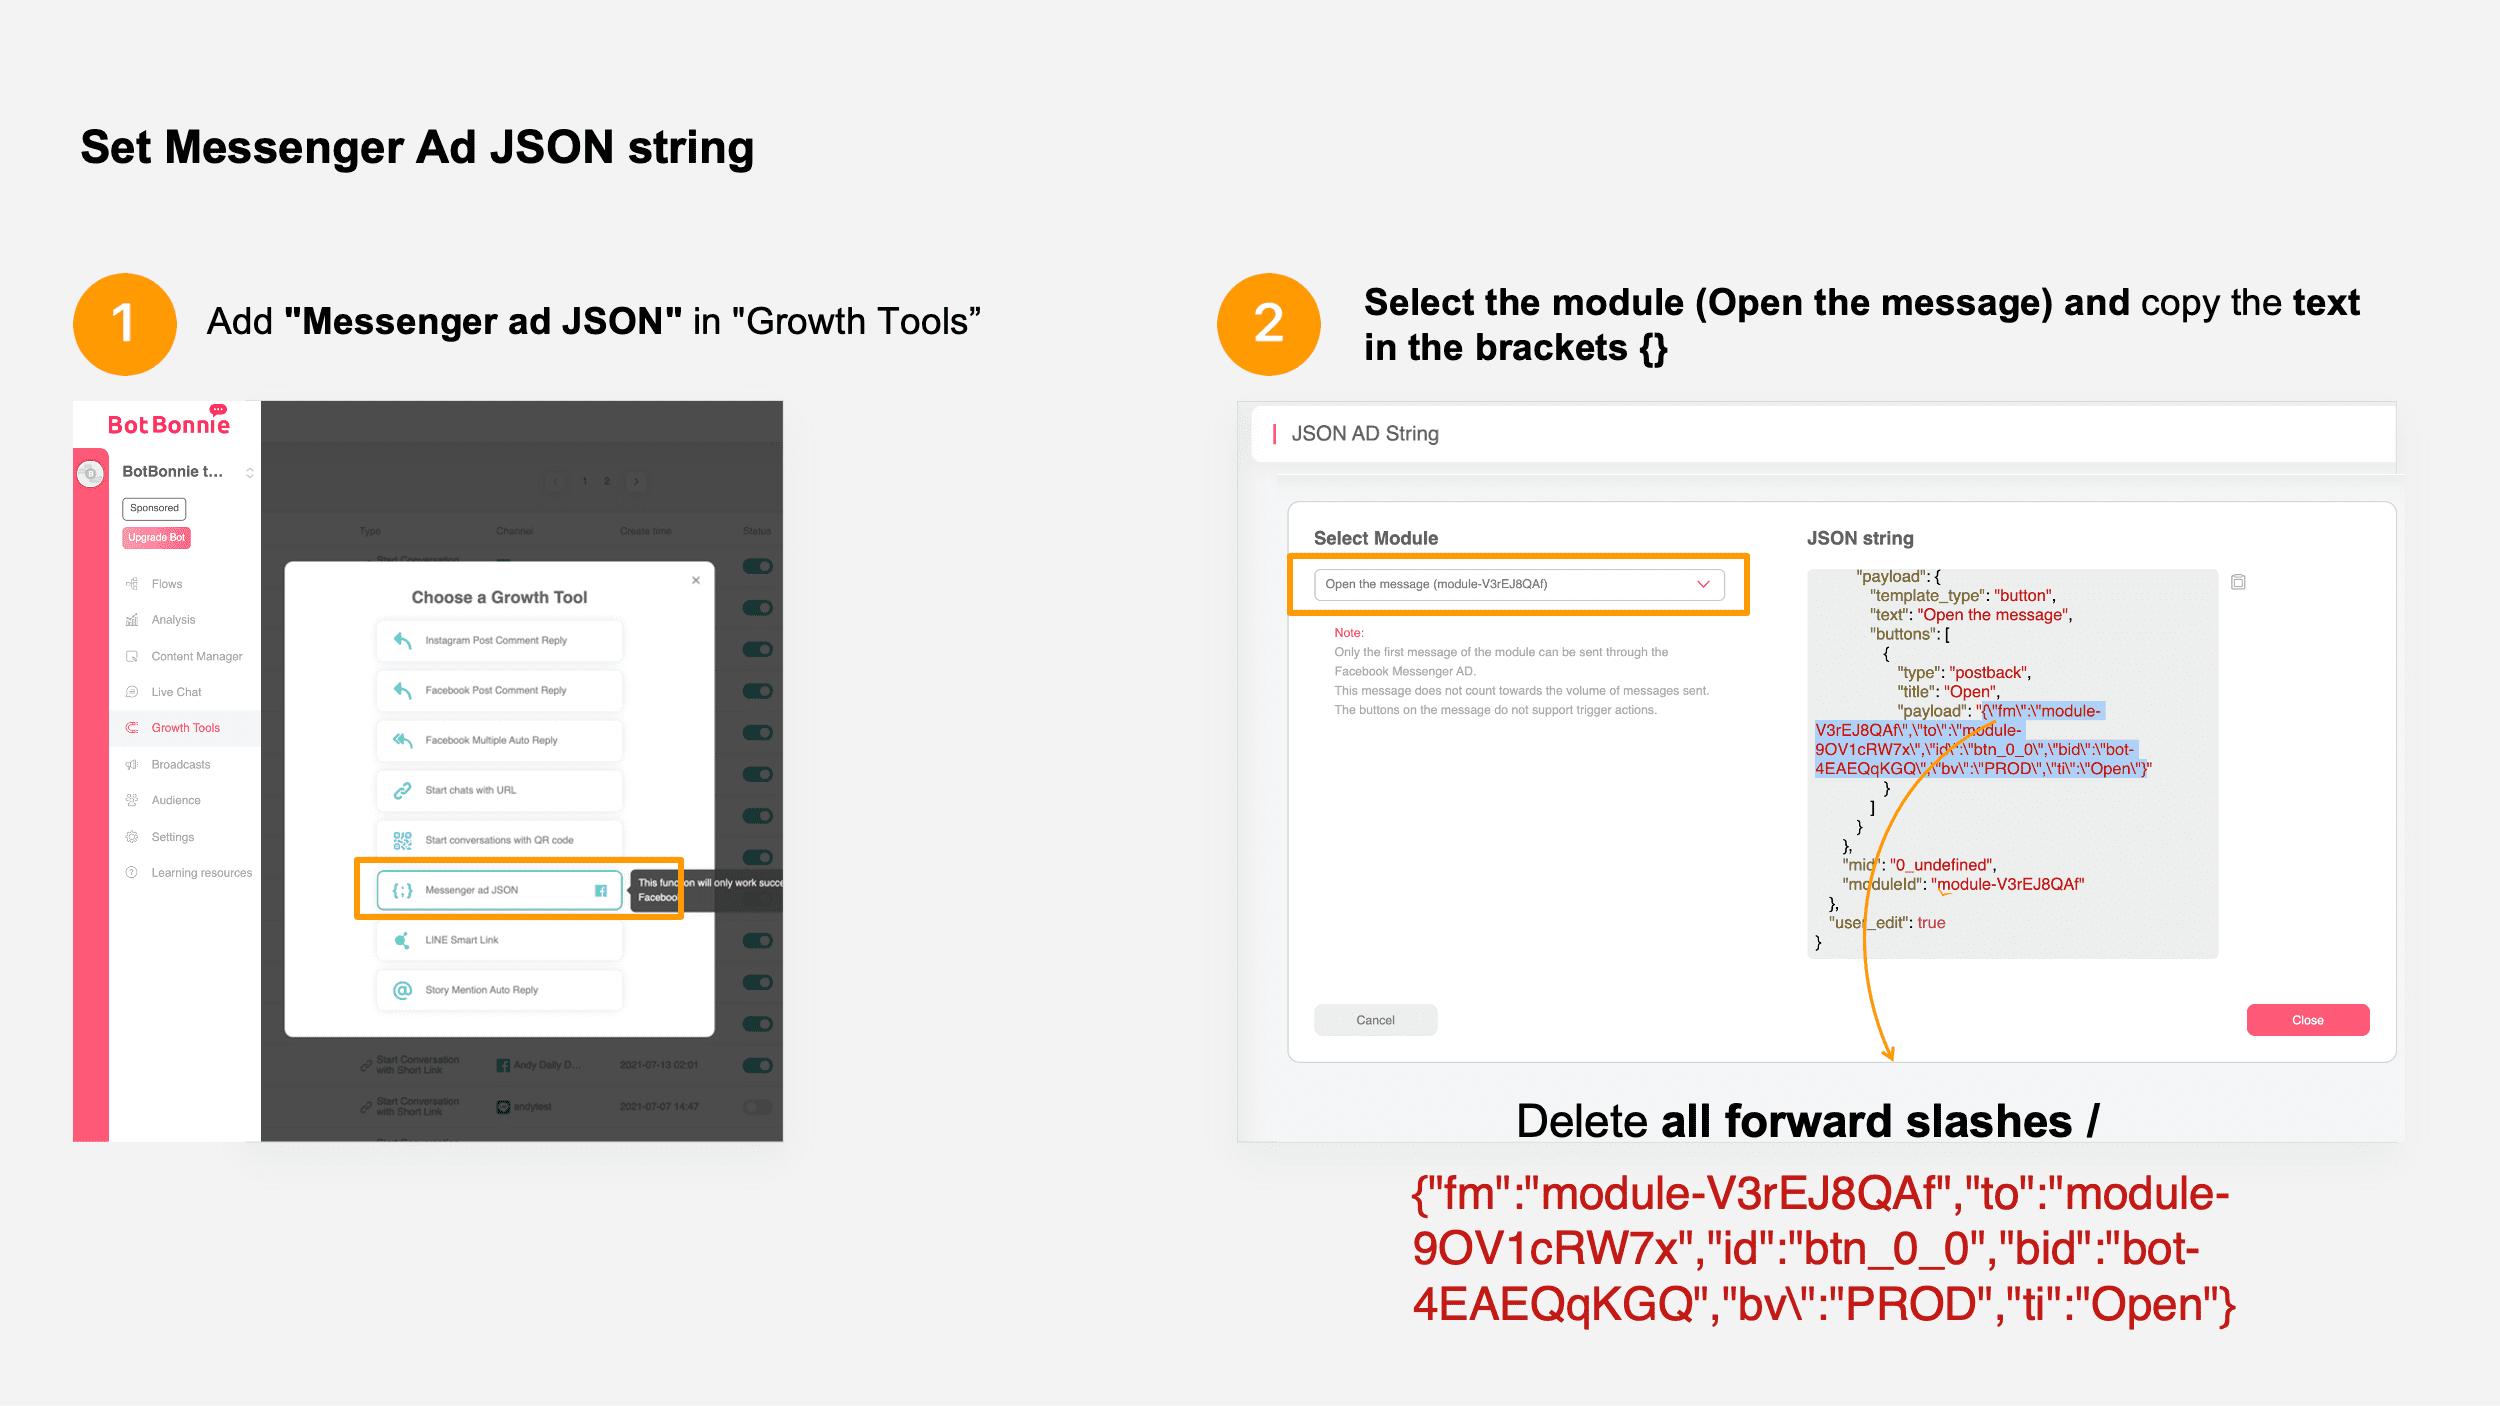 Set Messenger Ad JSON string